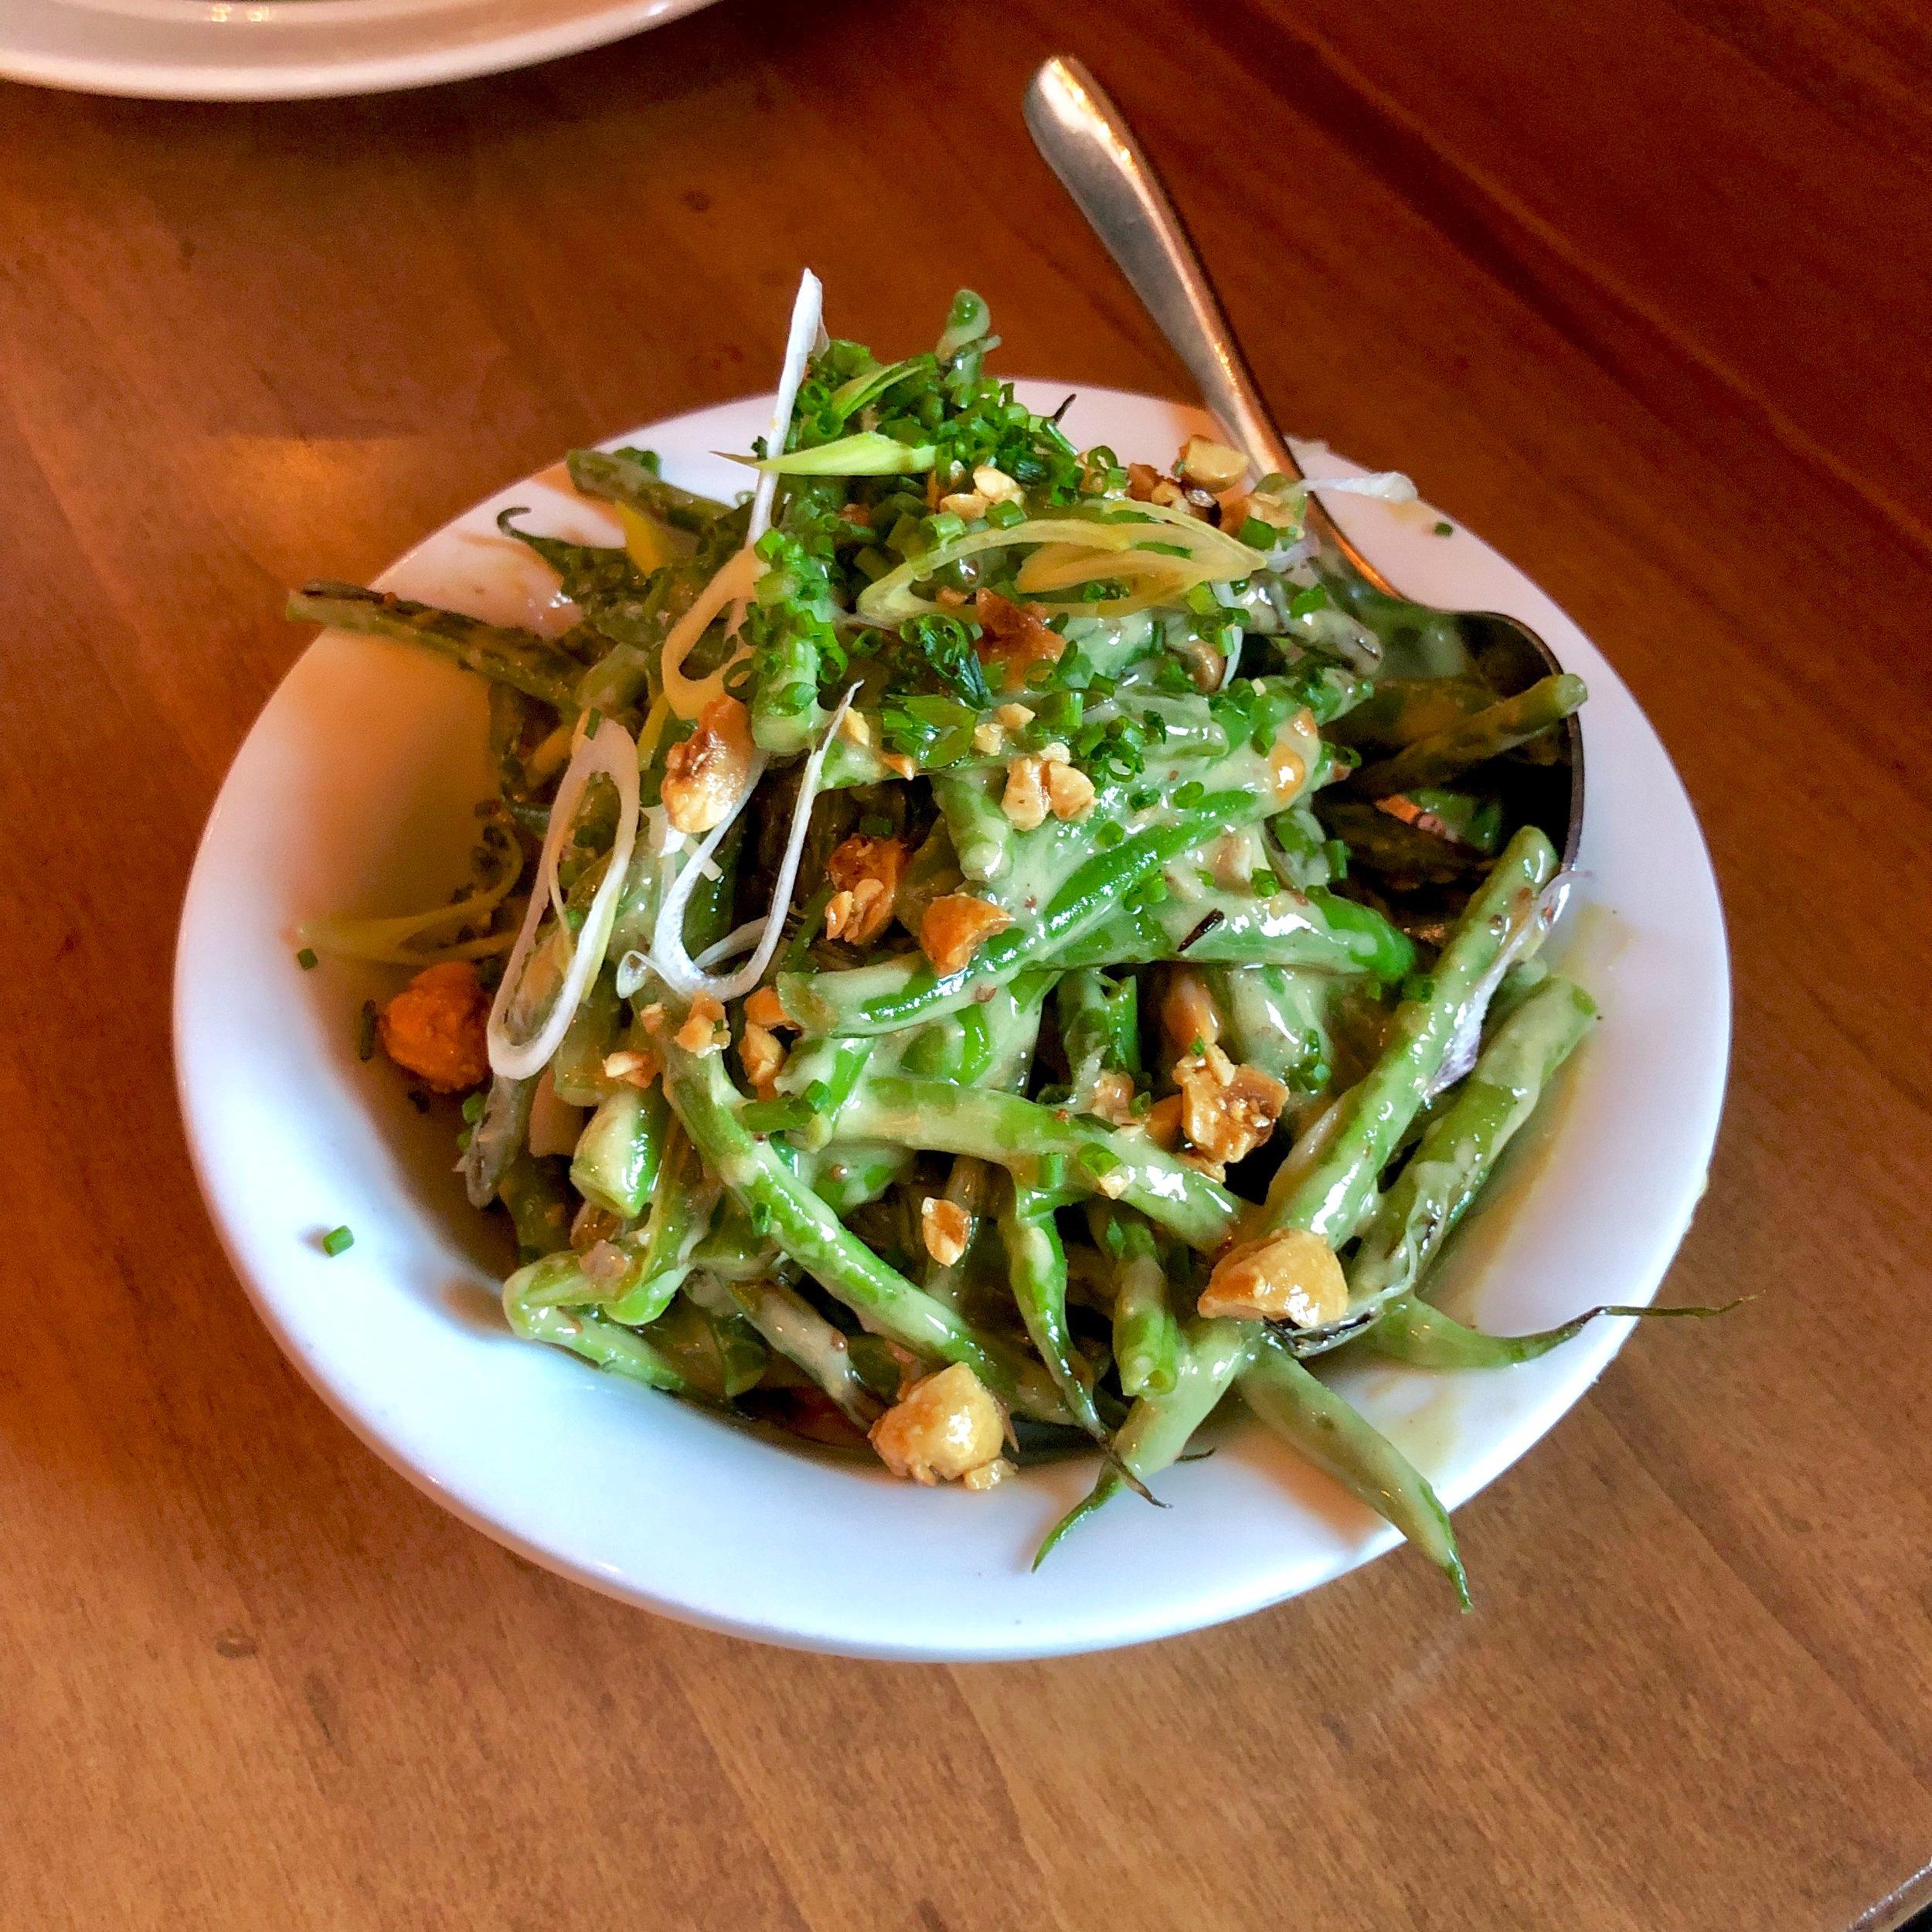 cool haricot verts, fresh serrano chili, toasted hazelnuts, frenchie vinaigrette